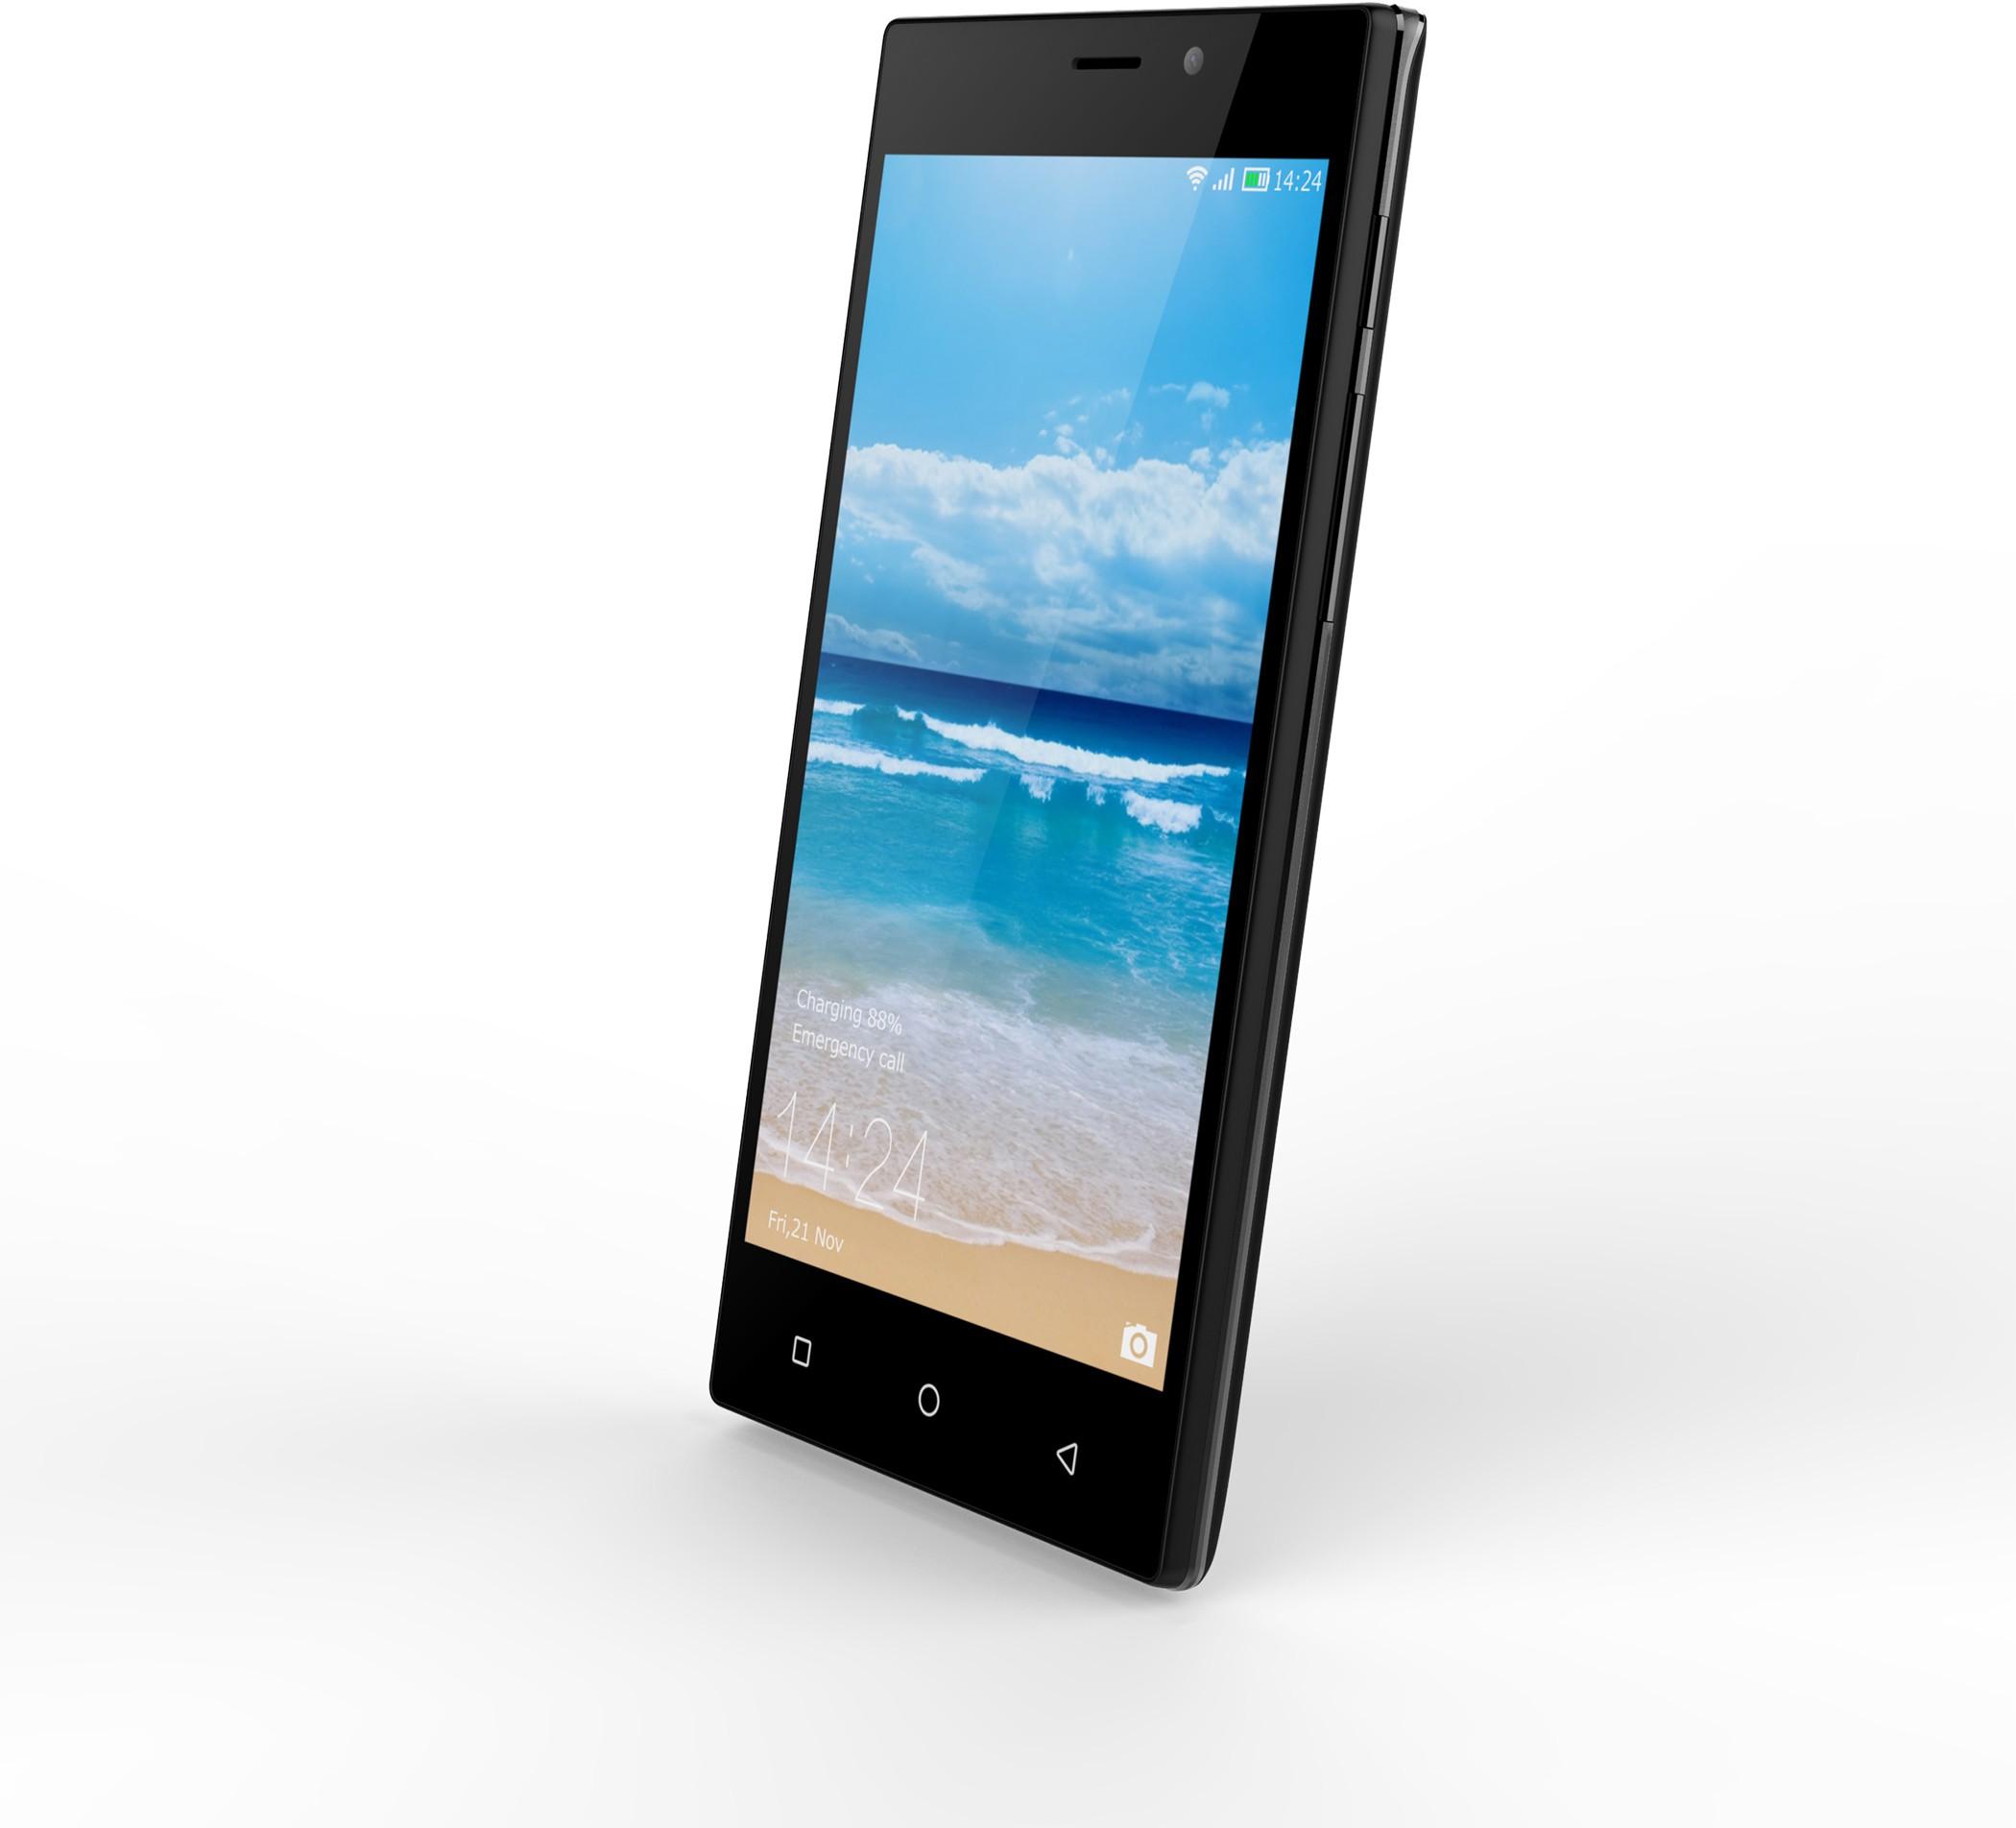 Zen Powermax Neo (Black, 8 GB)(512 MB RAM)